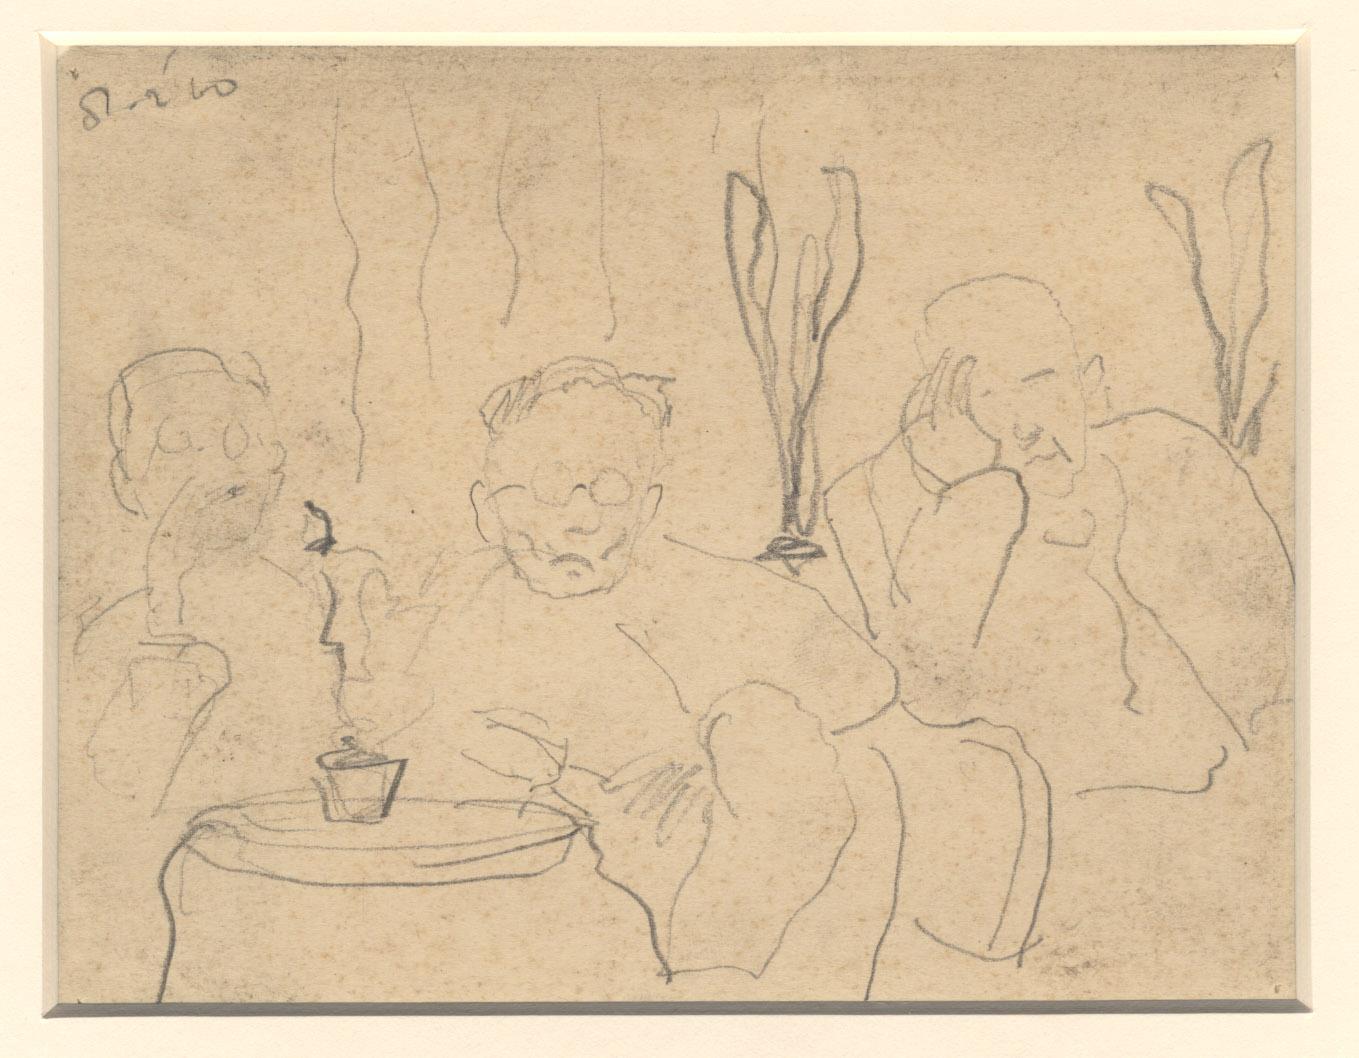 Het portret van drie patiënten, ze zitten bijna te slapen